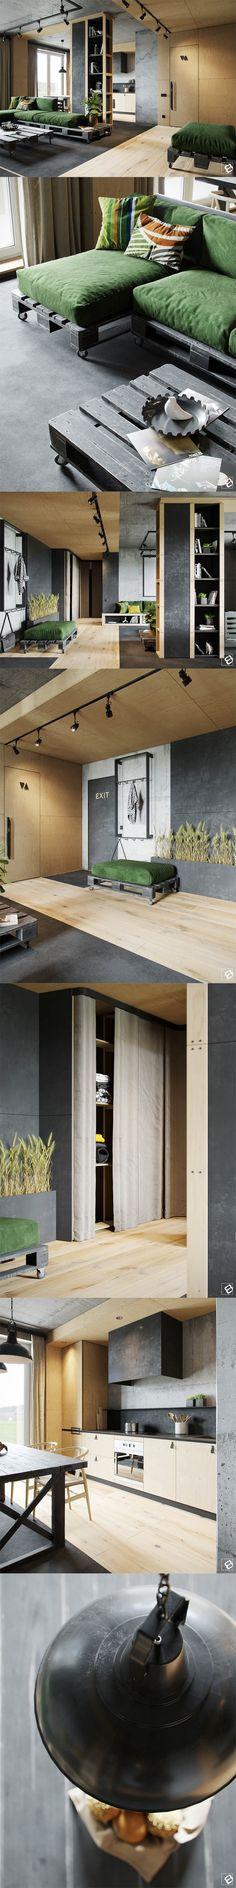 Studio Apartment Design Ideas with The Advantages Studio Apartment Design, Apartment Interior, Home Interior, Industrial Interior Design, Industrial Interiors, Interior Design Living Room, Interior Exterior, Exterior Design, Home Deco